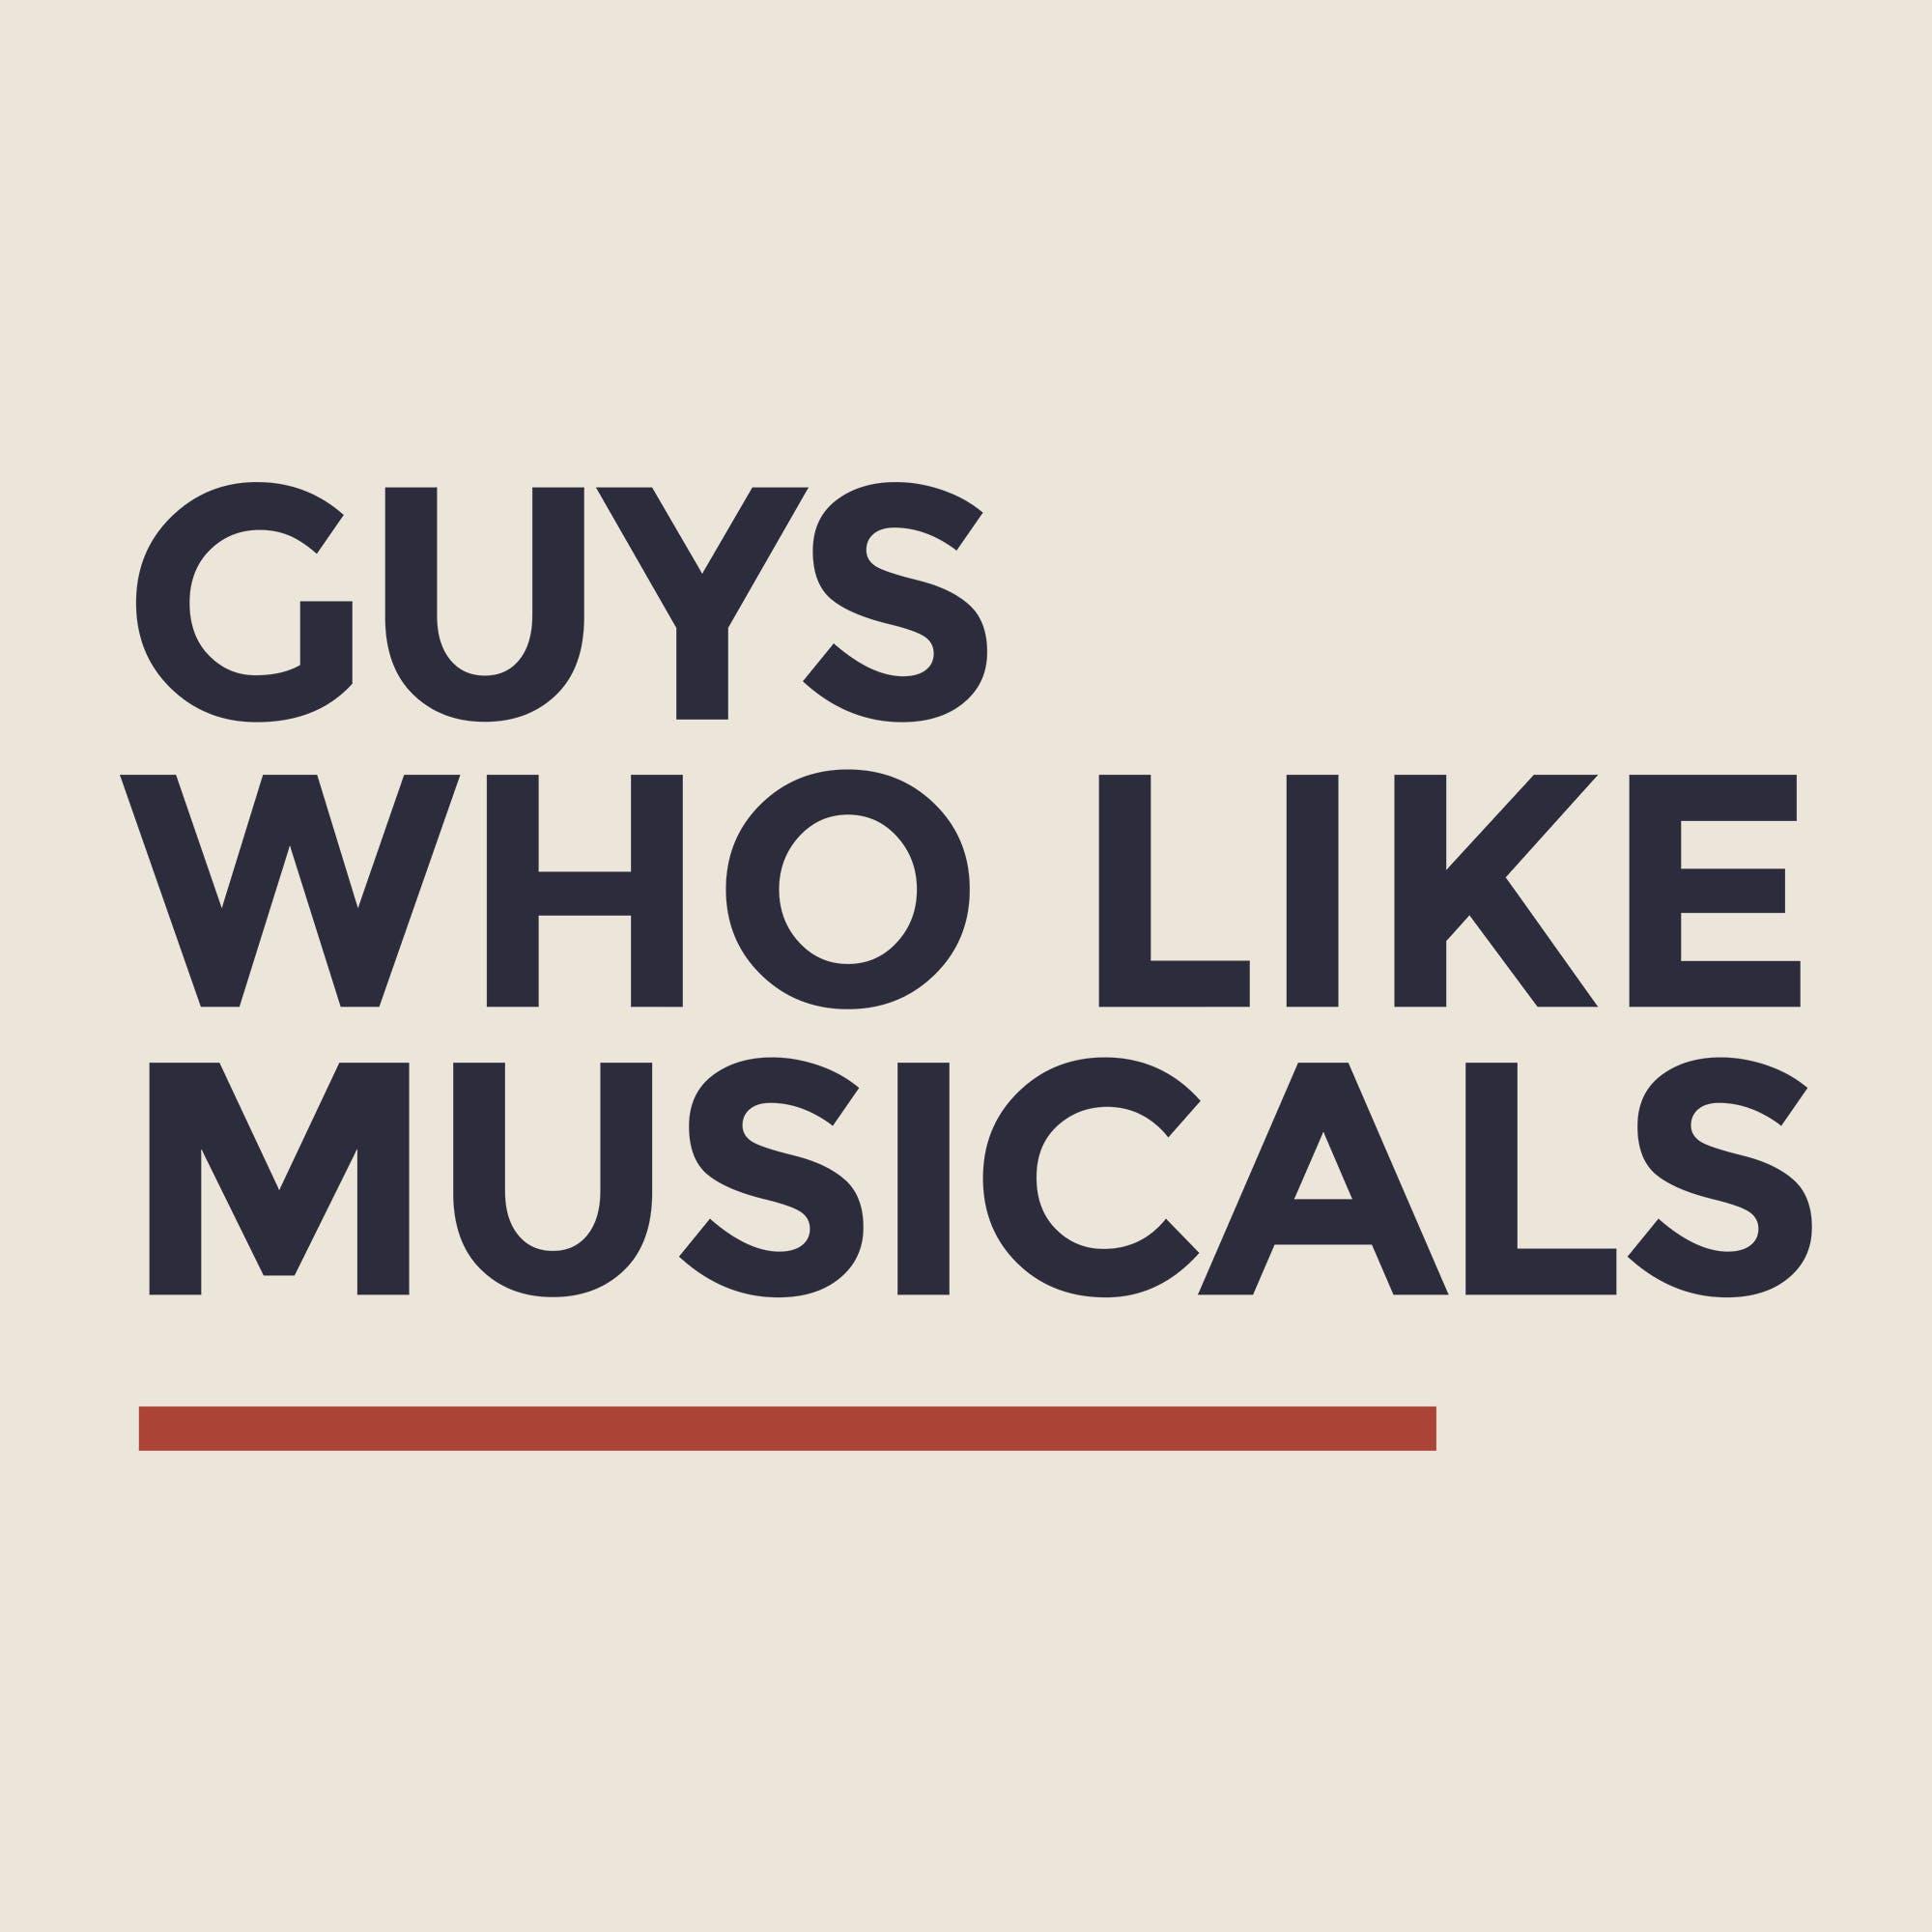 DAN Loves Music Man, Joe says NOPE